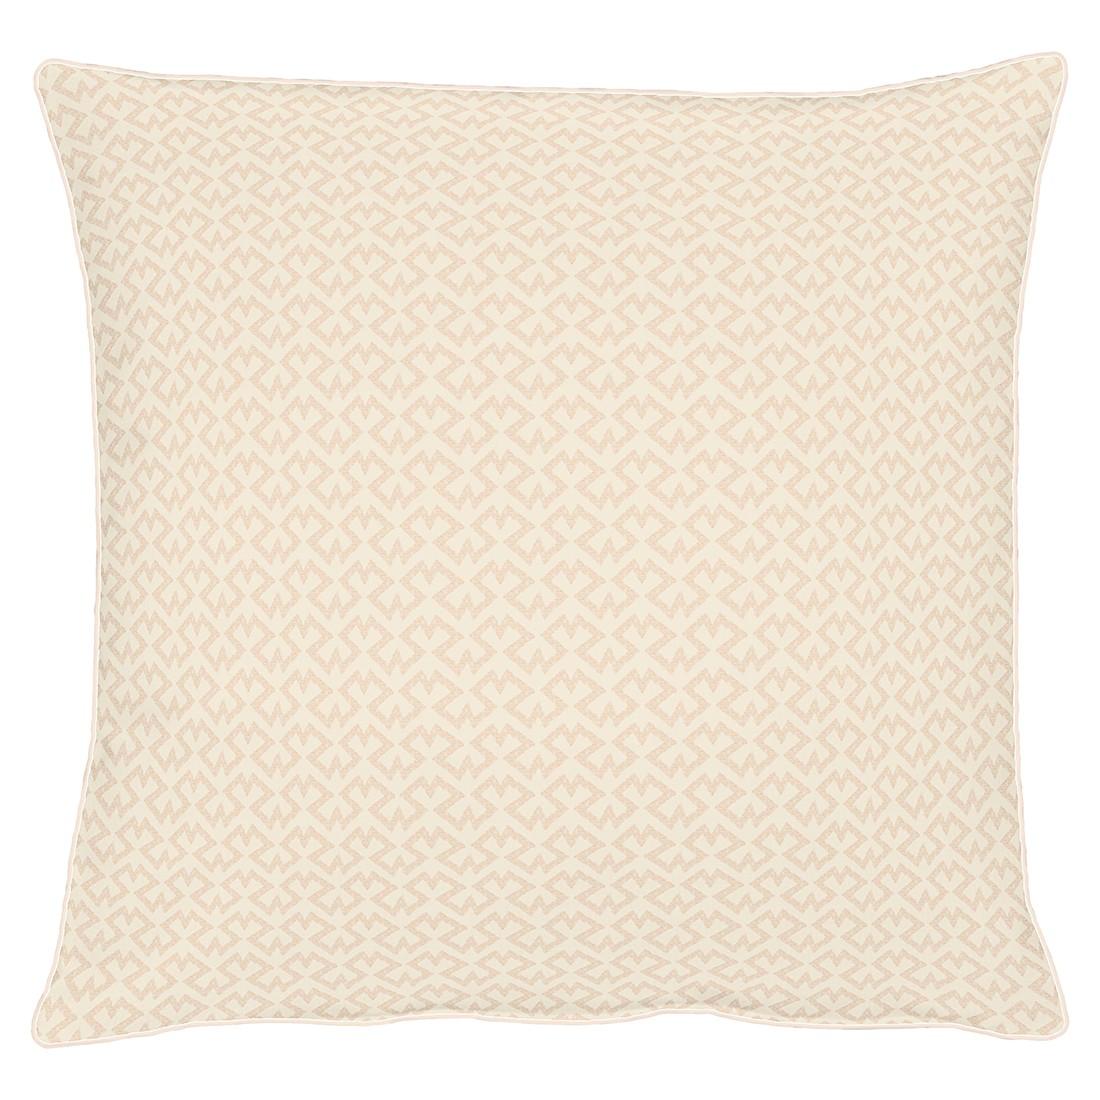 Kissenhülle Pizzo – Beige – 49 x 49 cm, Apelt günstig online kaufen